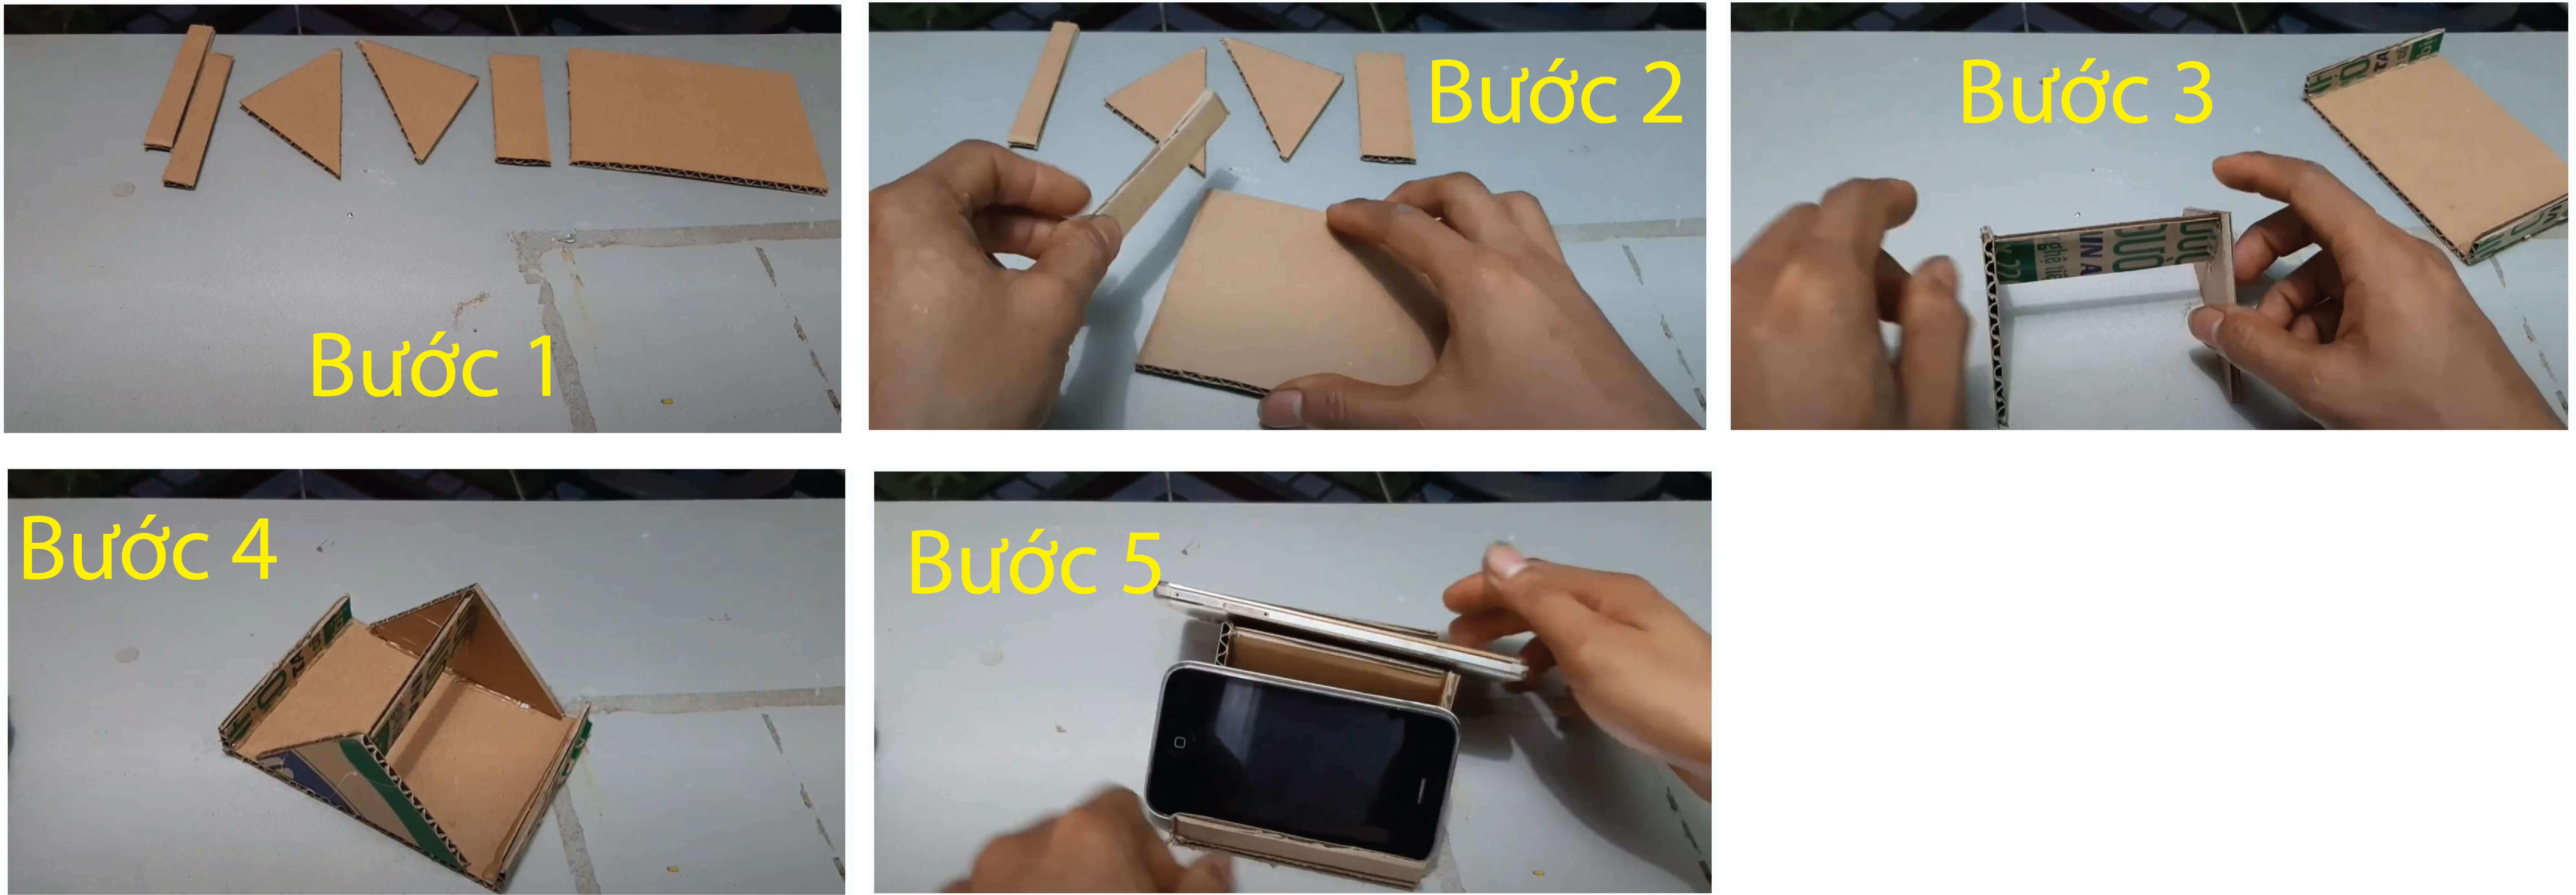 Giá đỡ điện thoại đơn giản từ bìa carton